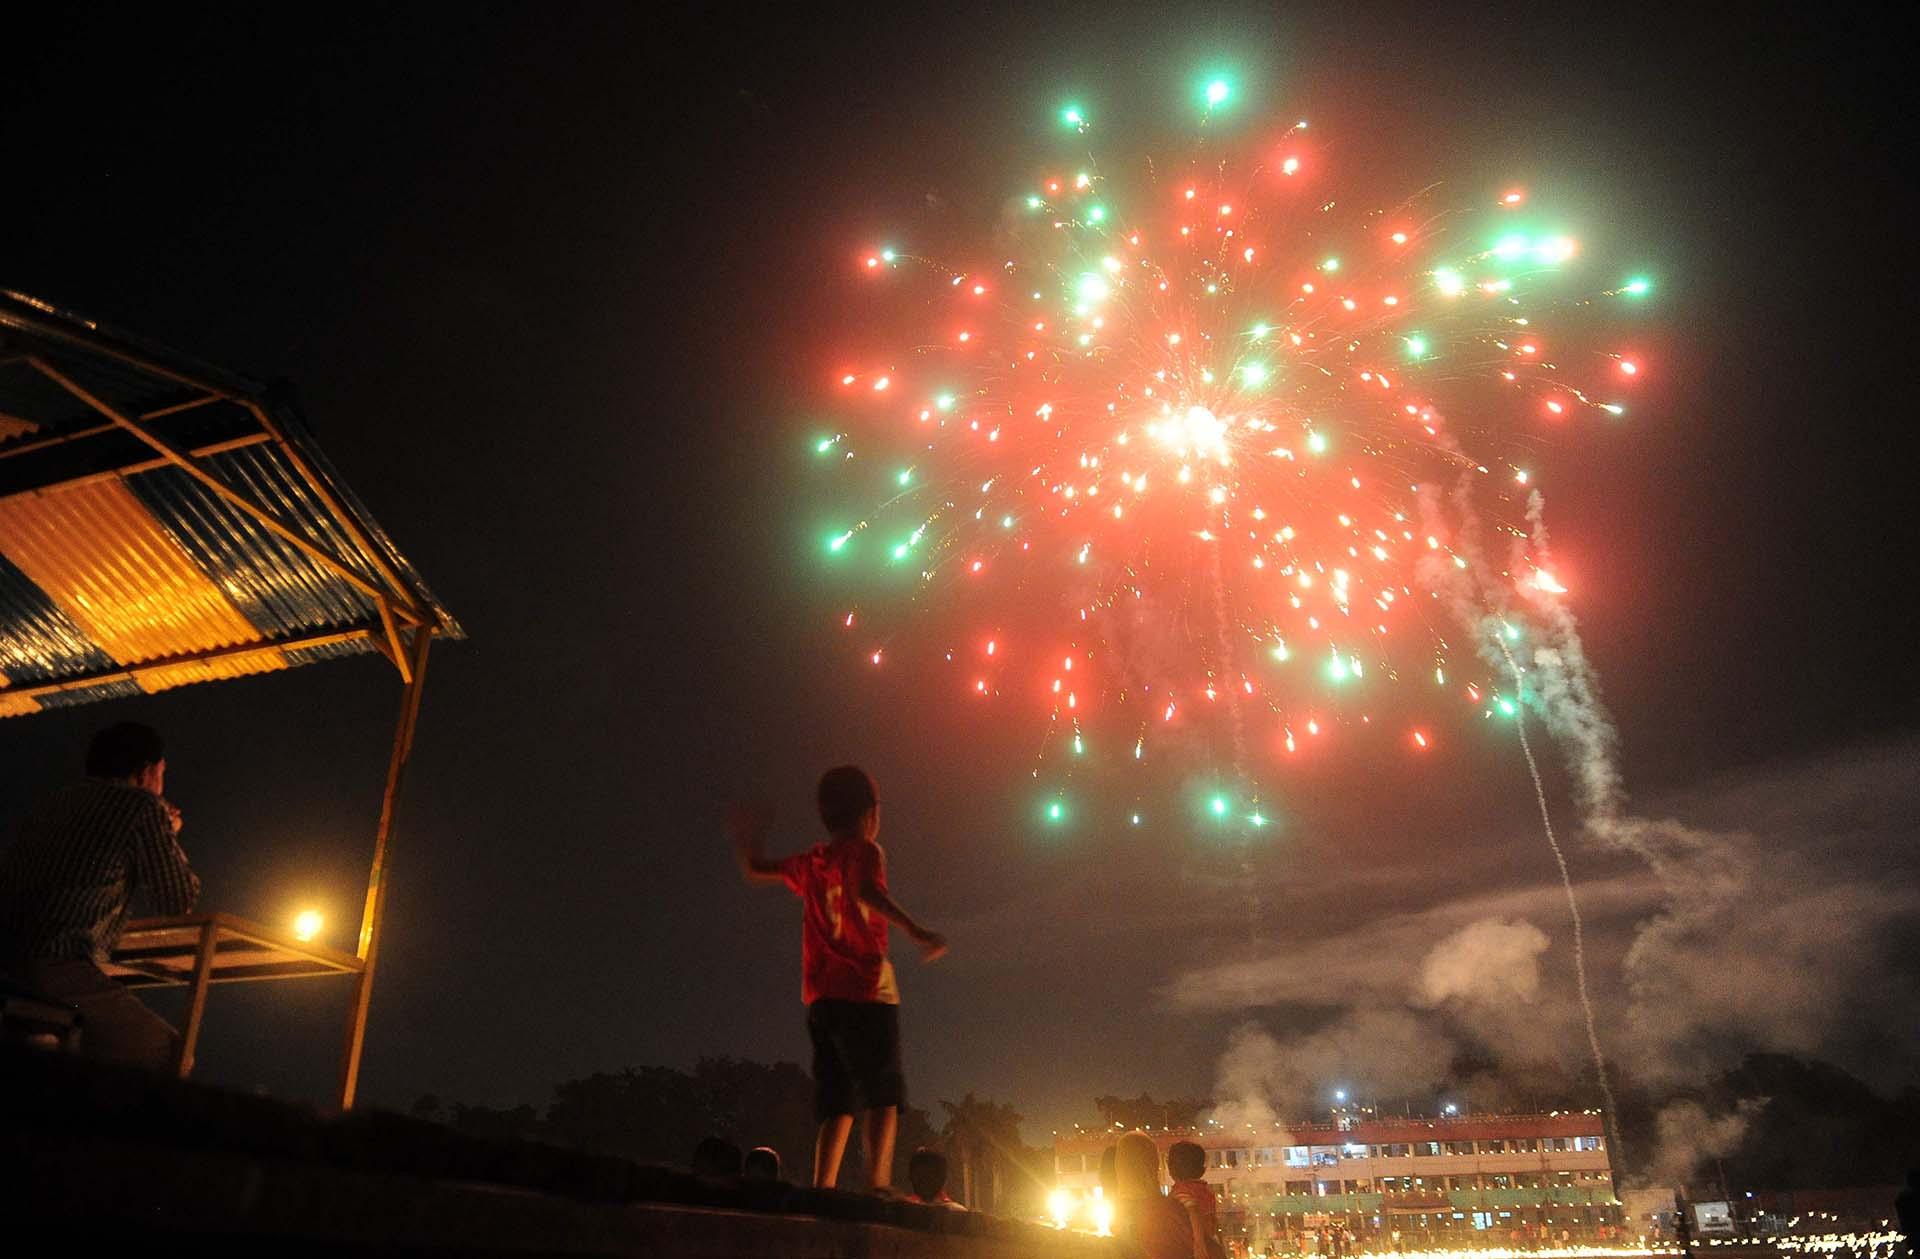 Un niño indio mira los fuegos artificiales en el estadio Madan Mohan Malviya en la víspera del festival hindú de Diwali en Allahabad Diwali, el Festival de las Luces, marca la victoria sobre el mal